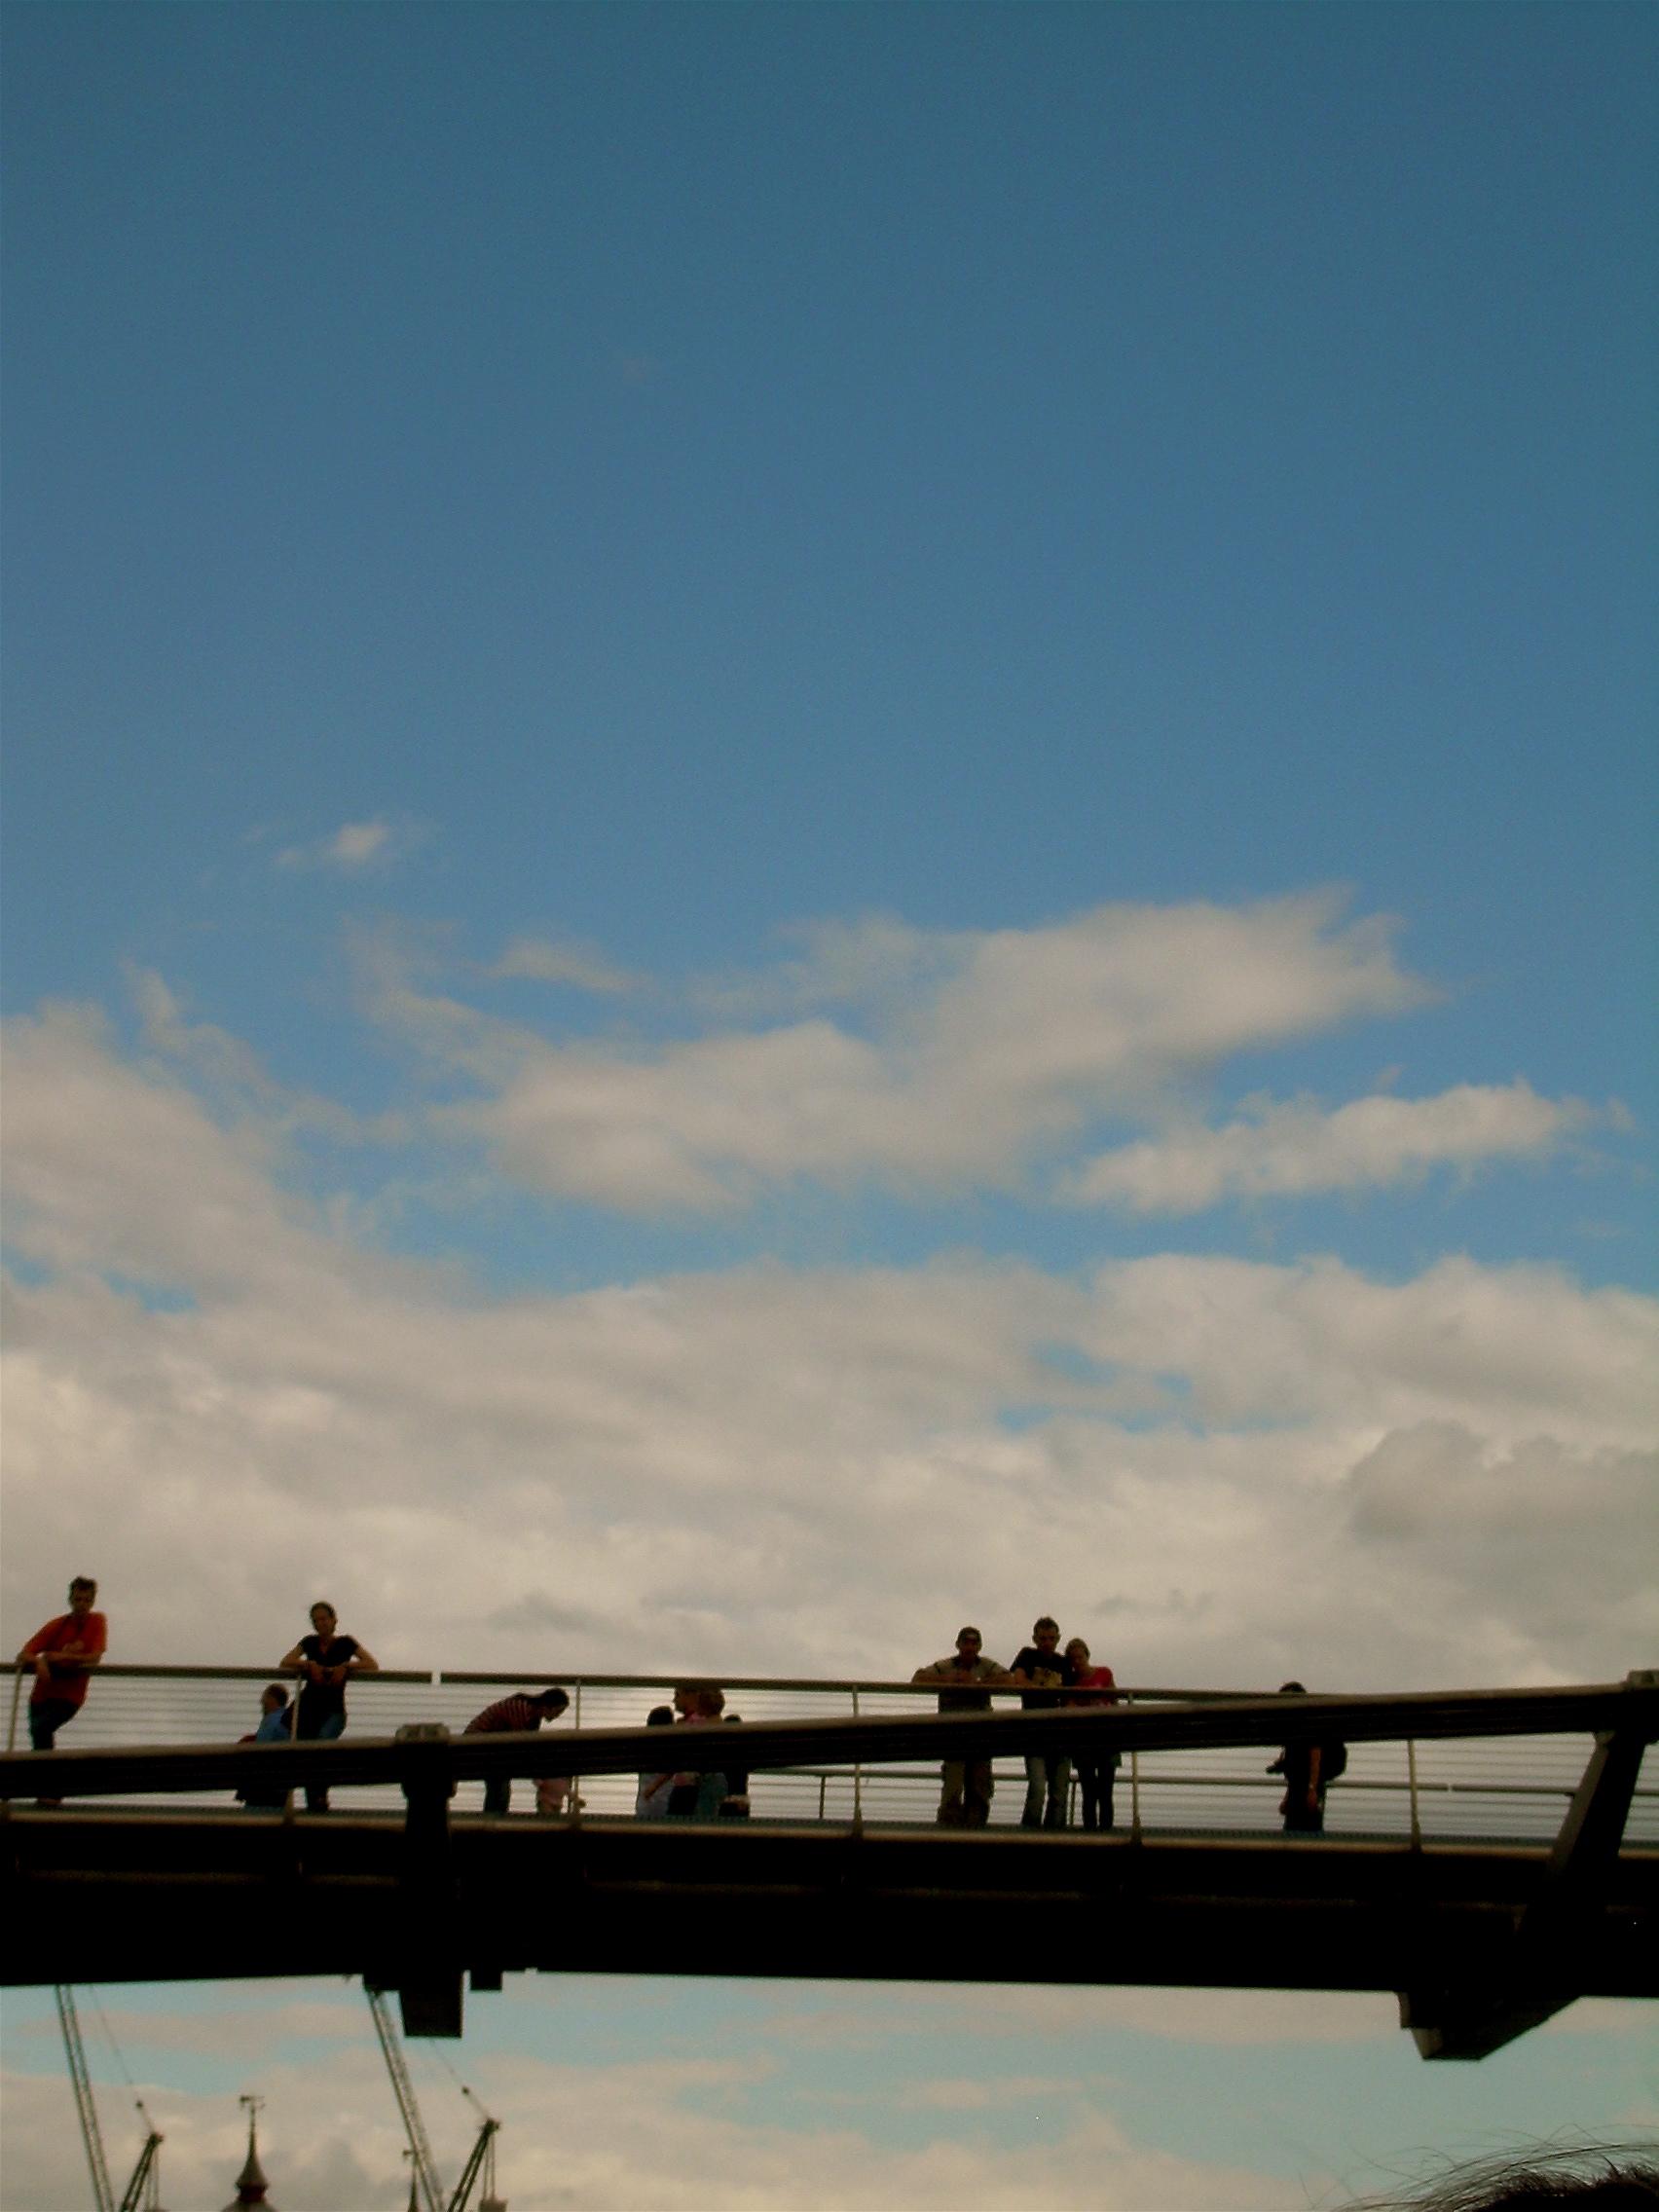 Going Under the Millenium Bridge